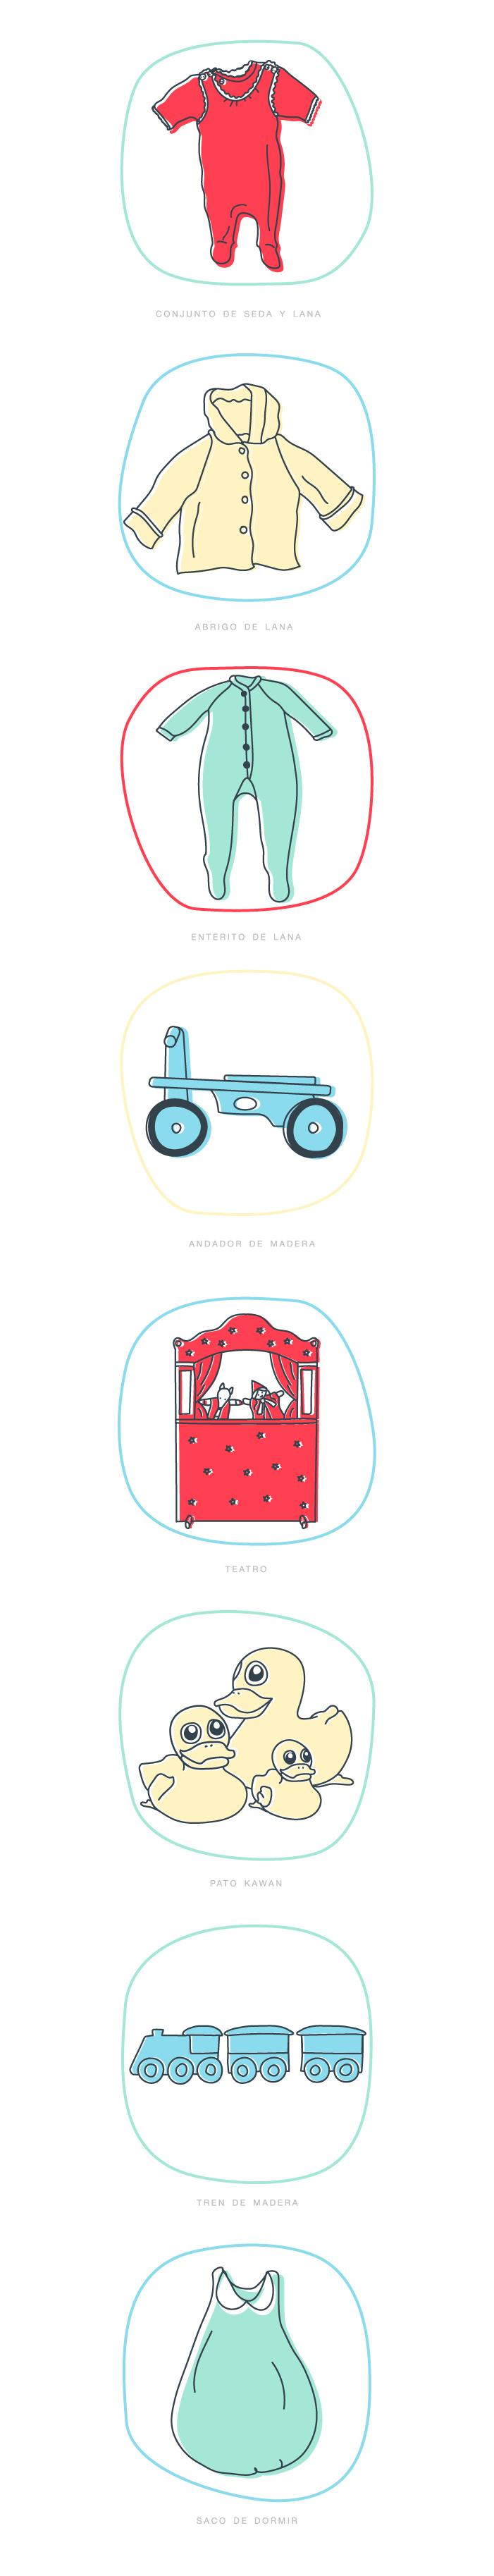 ilustraciones-web-tienda-ropa-organica-accesorios-bebe